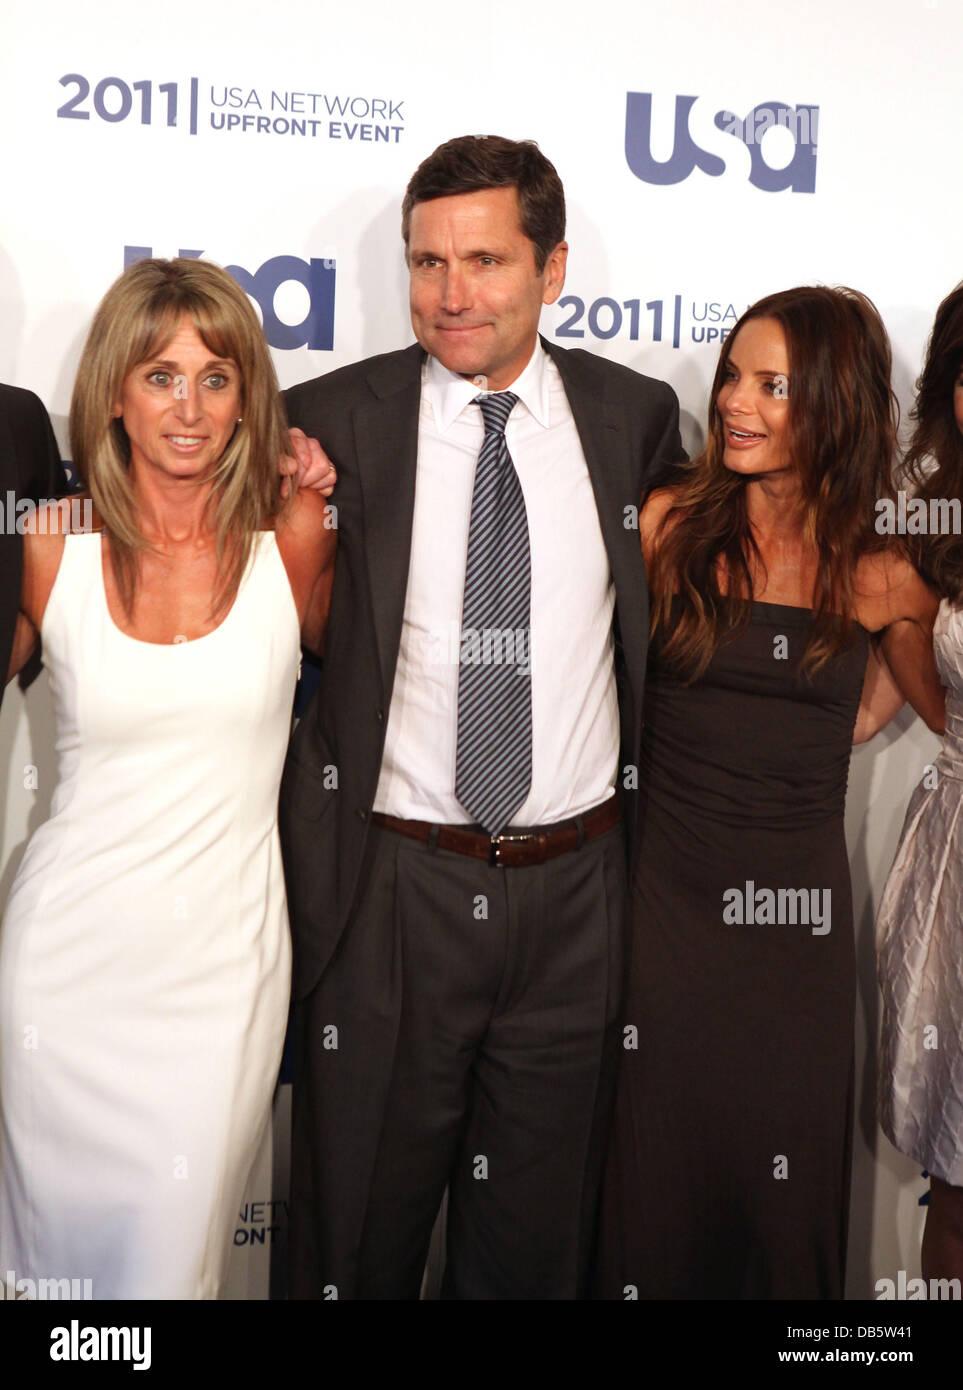 Bonnie Hammer, Steve Burke CEOof NBC, Gabrielle Anwar the 2011 USA